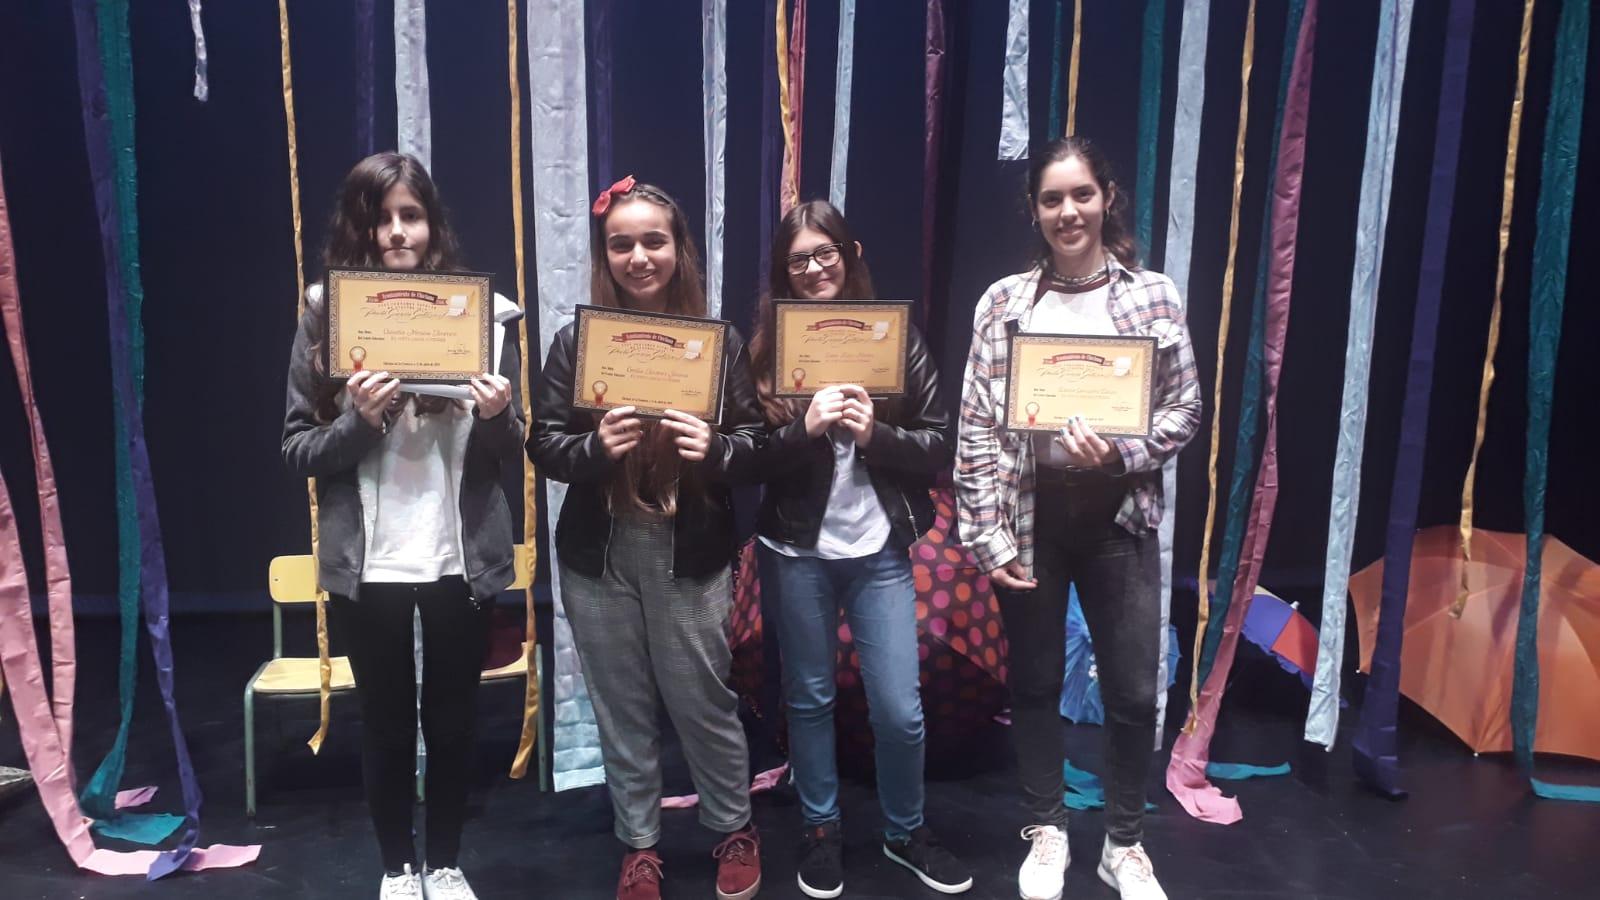 Imagen de la noticia: Alumnado del Poeta premiado en el Certamen de Cuentos.